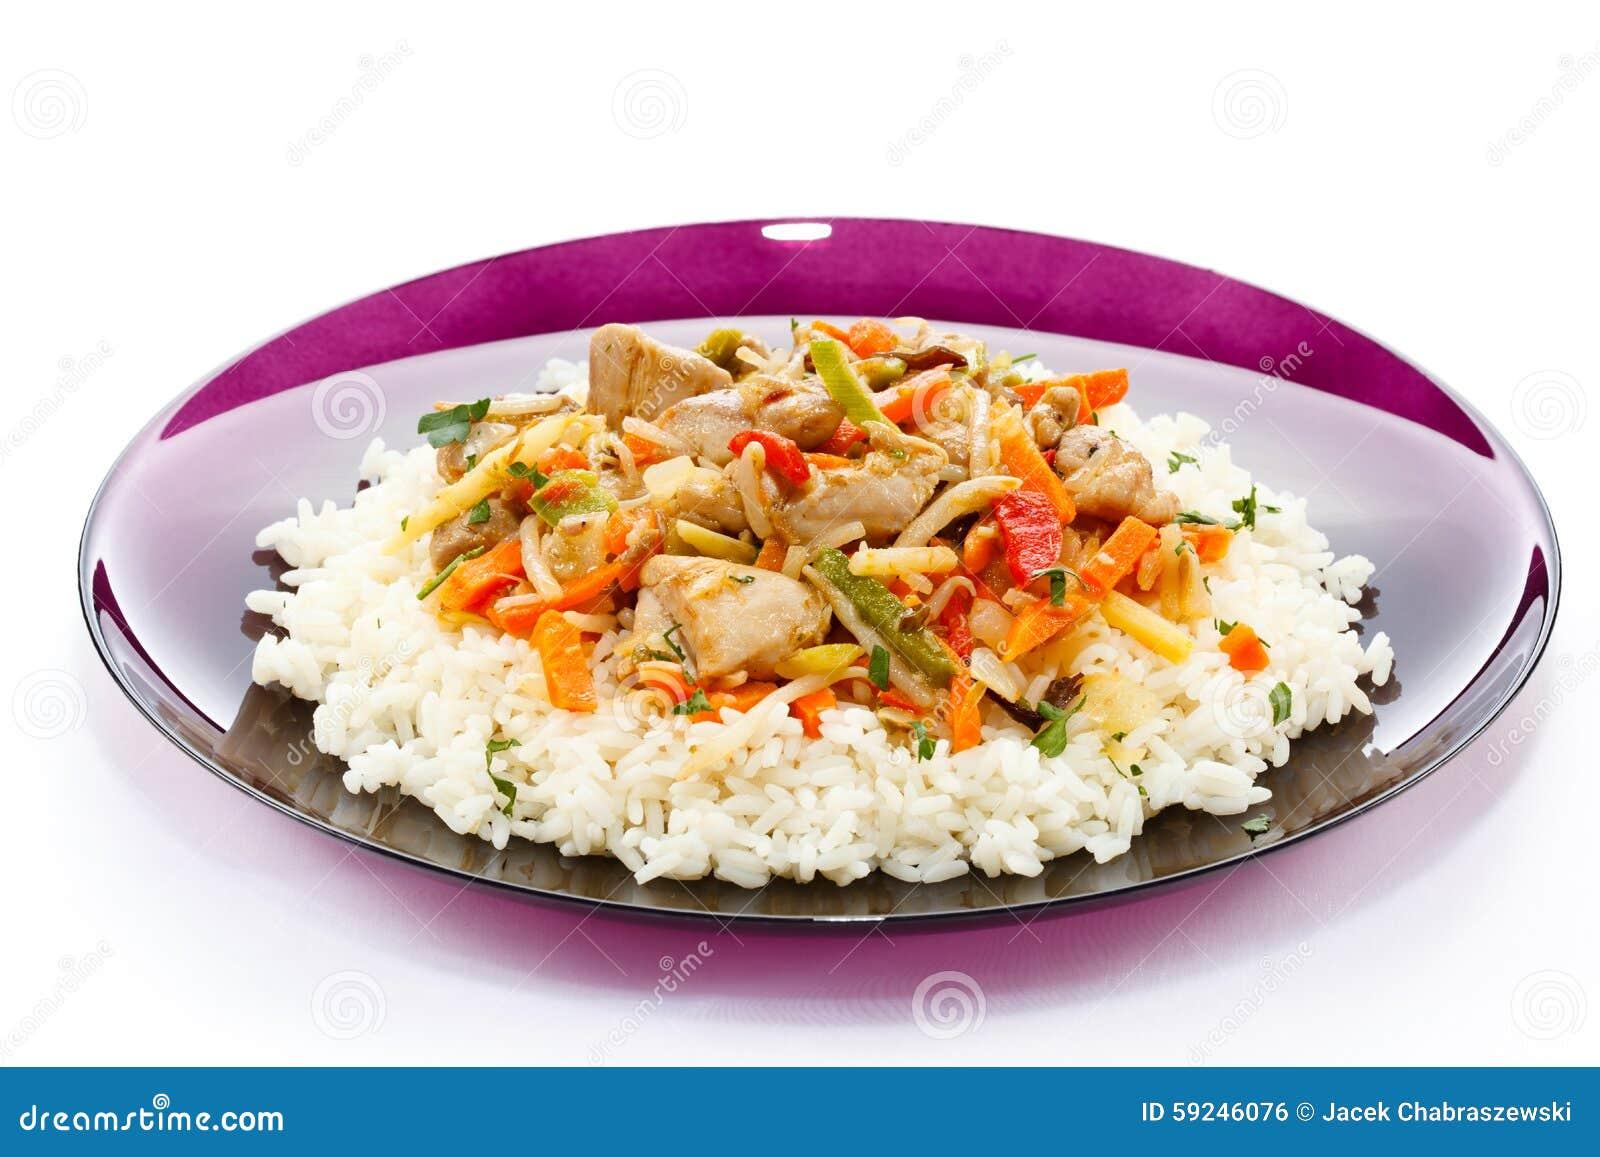 Carne, arroz blanco y verduras asados